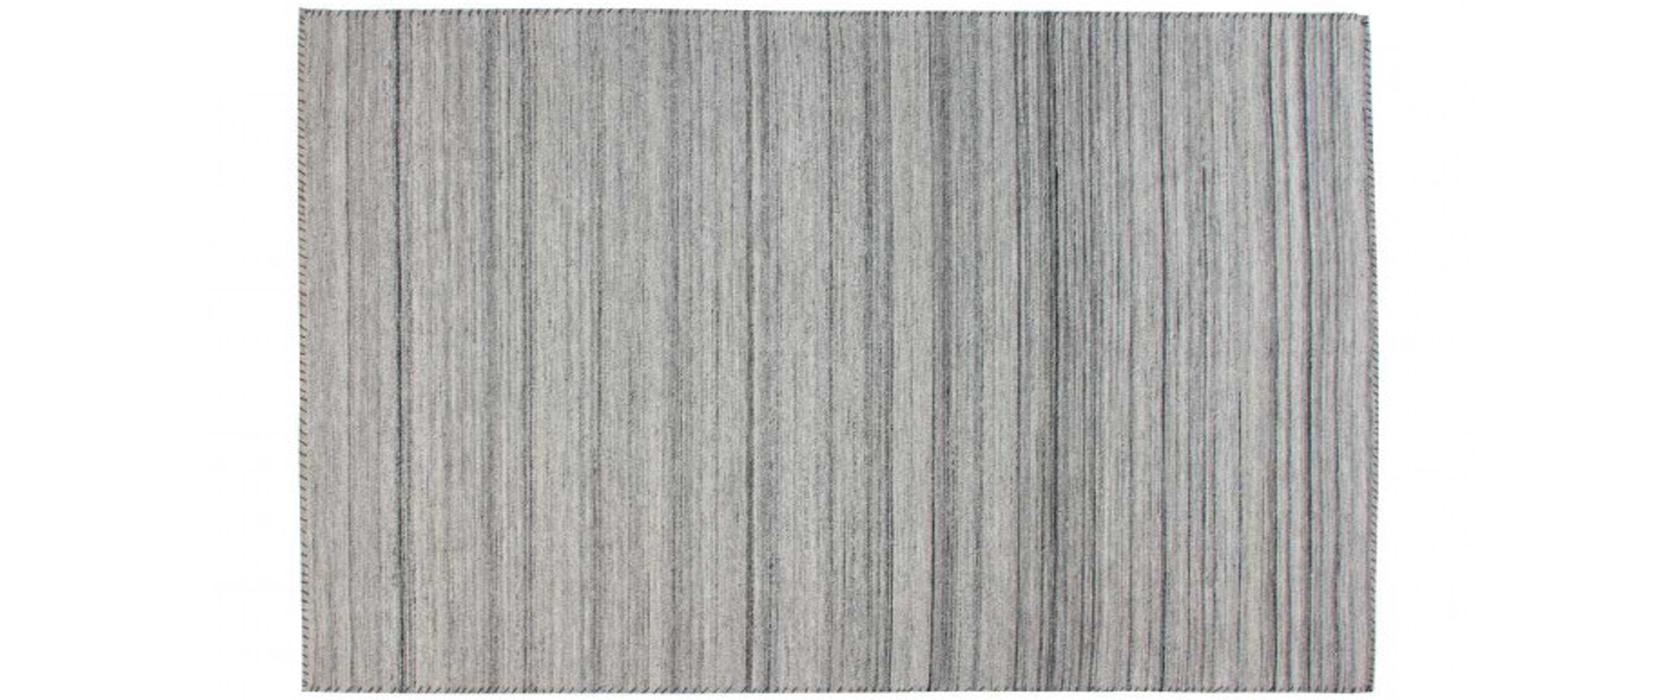 Килим Phoenix 210 Multi/Grey 160х230 см - Pufetto